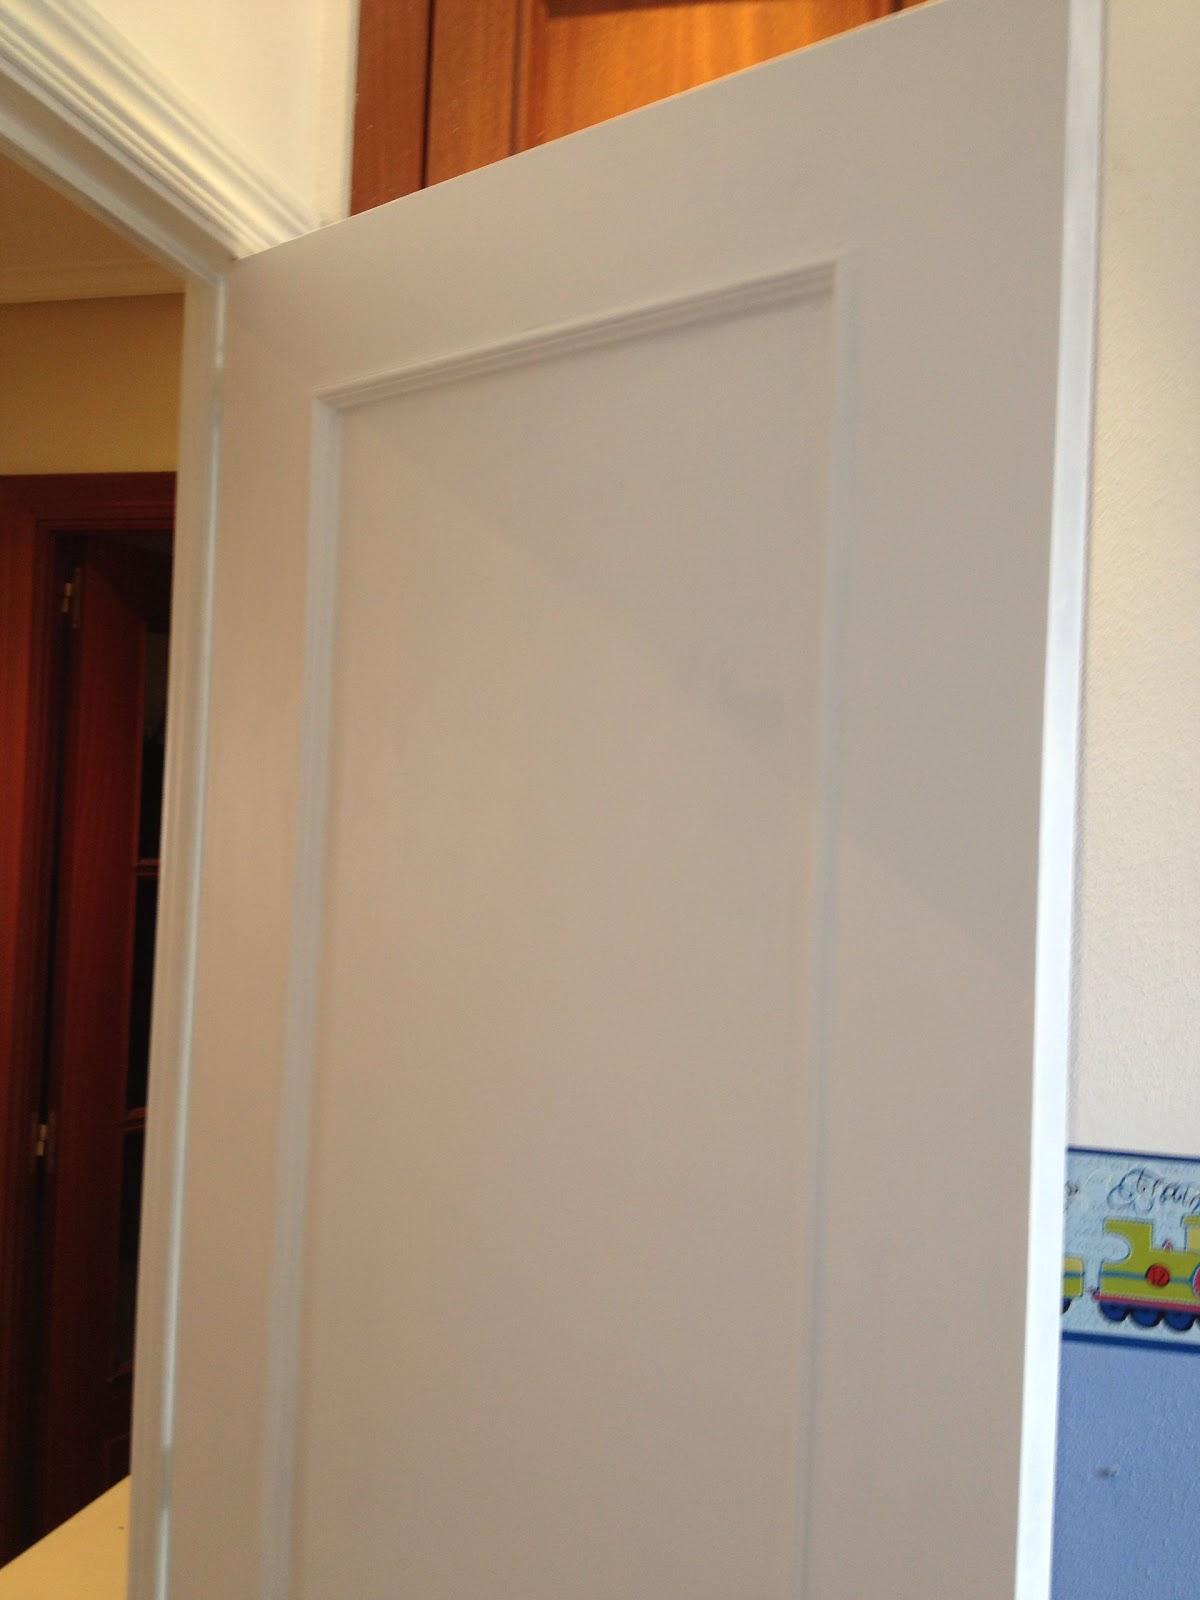 Adios al sapely pintar puertas de blanco juntitoscrafts for Pintar puertas de blanco en casa